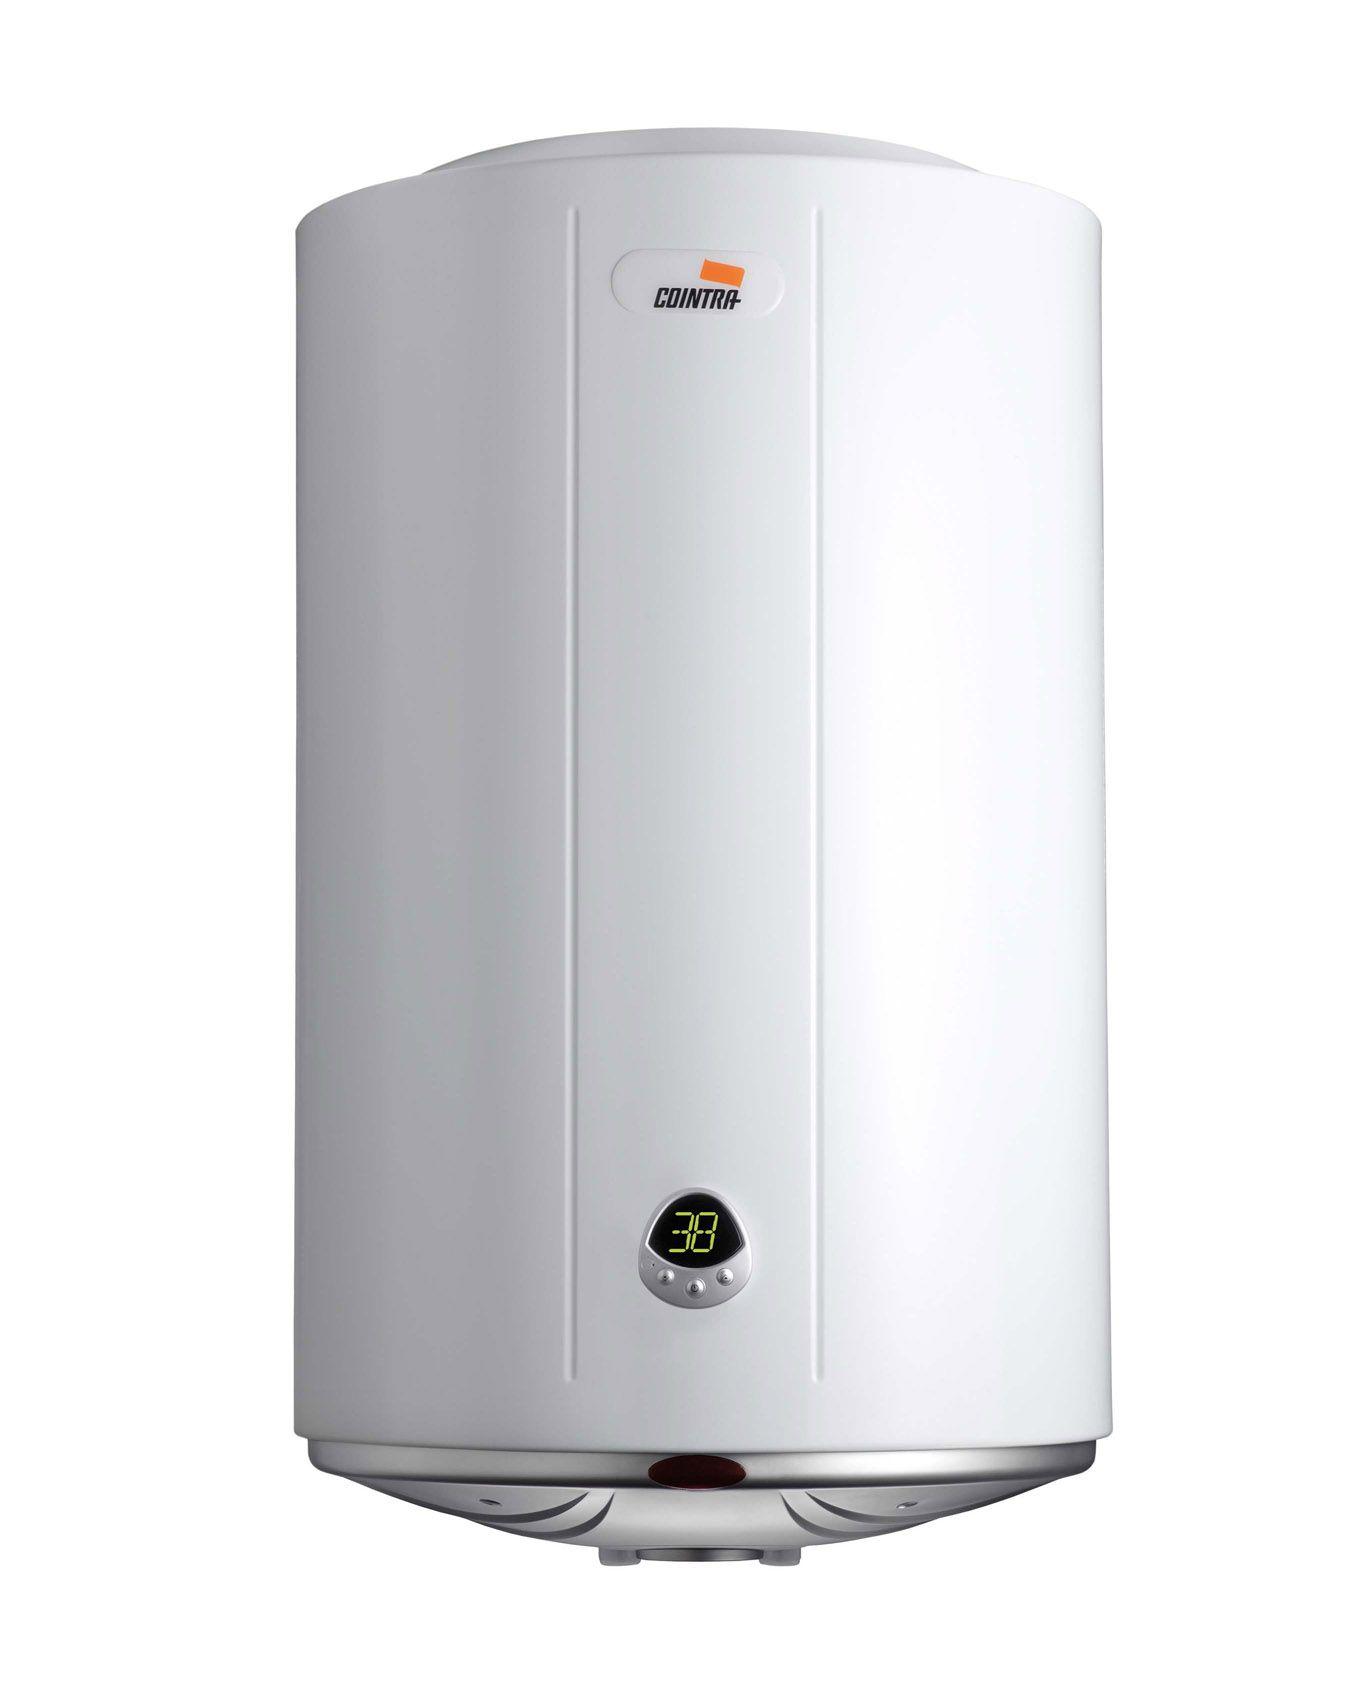 Termo el ctrico digital cointra tnd 80 ecobioebro for Termo electrico clase energetica a